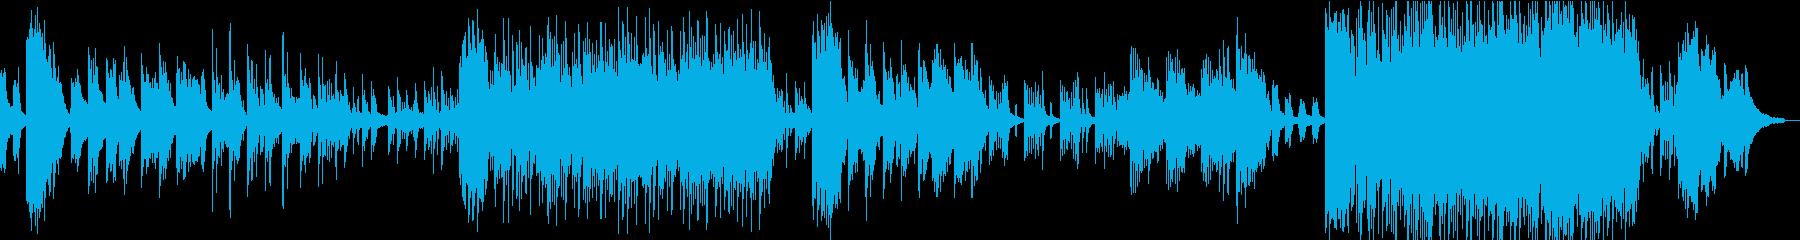 蛍 花火 ノスタルジックなピアノBGMの再生済みの波形